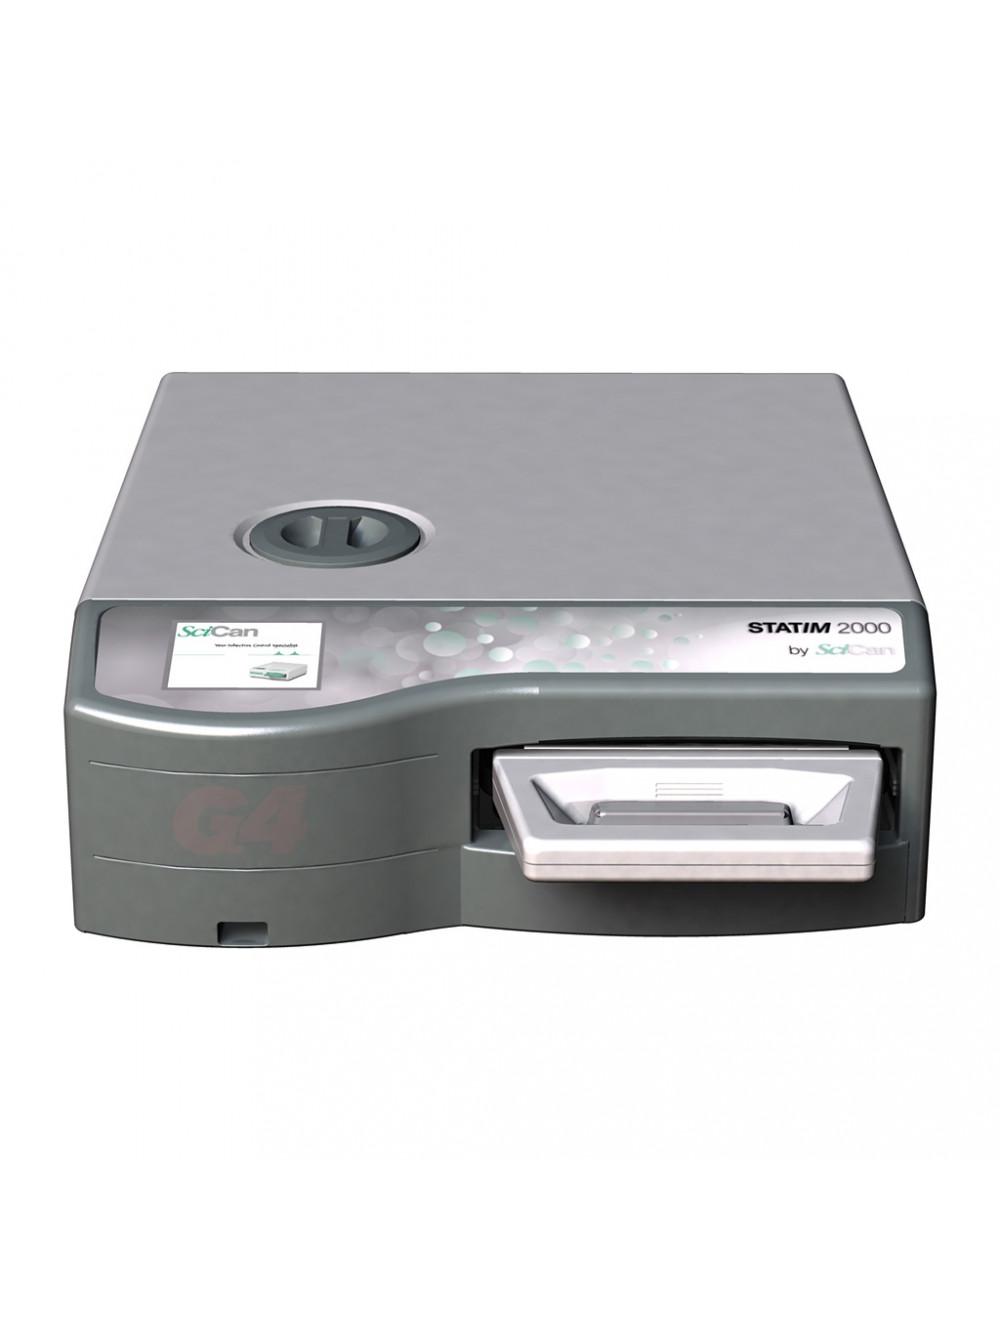 Scican Kassettenautoklave Statim 2000, Kammergröße 1,8 Liter, Sterilisationszeit unter 4 Minuten, G4-Cloud Autoklaven